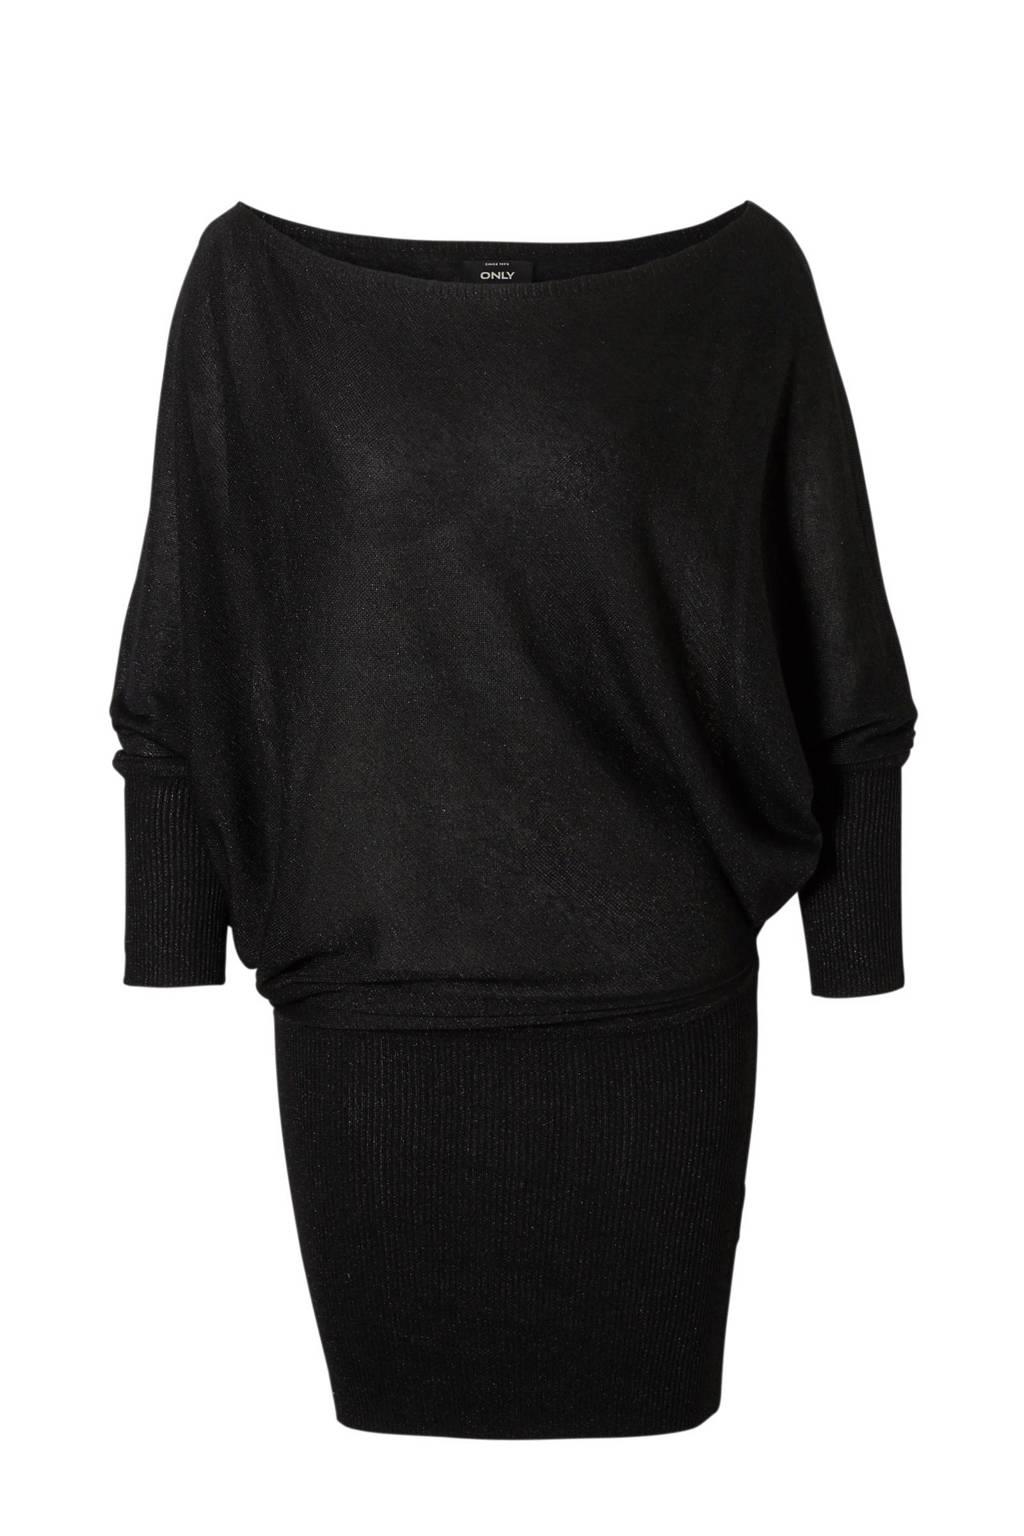 ONLY metallic jurk, Zwart/goud